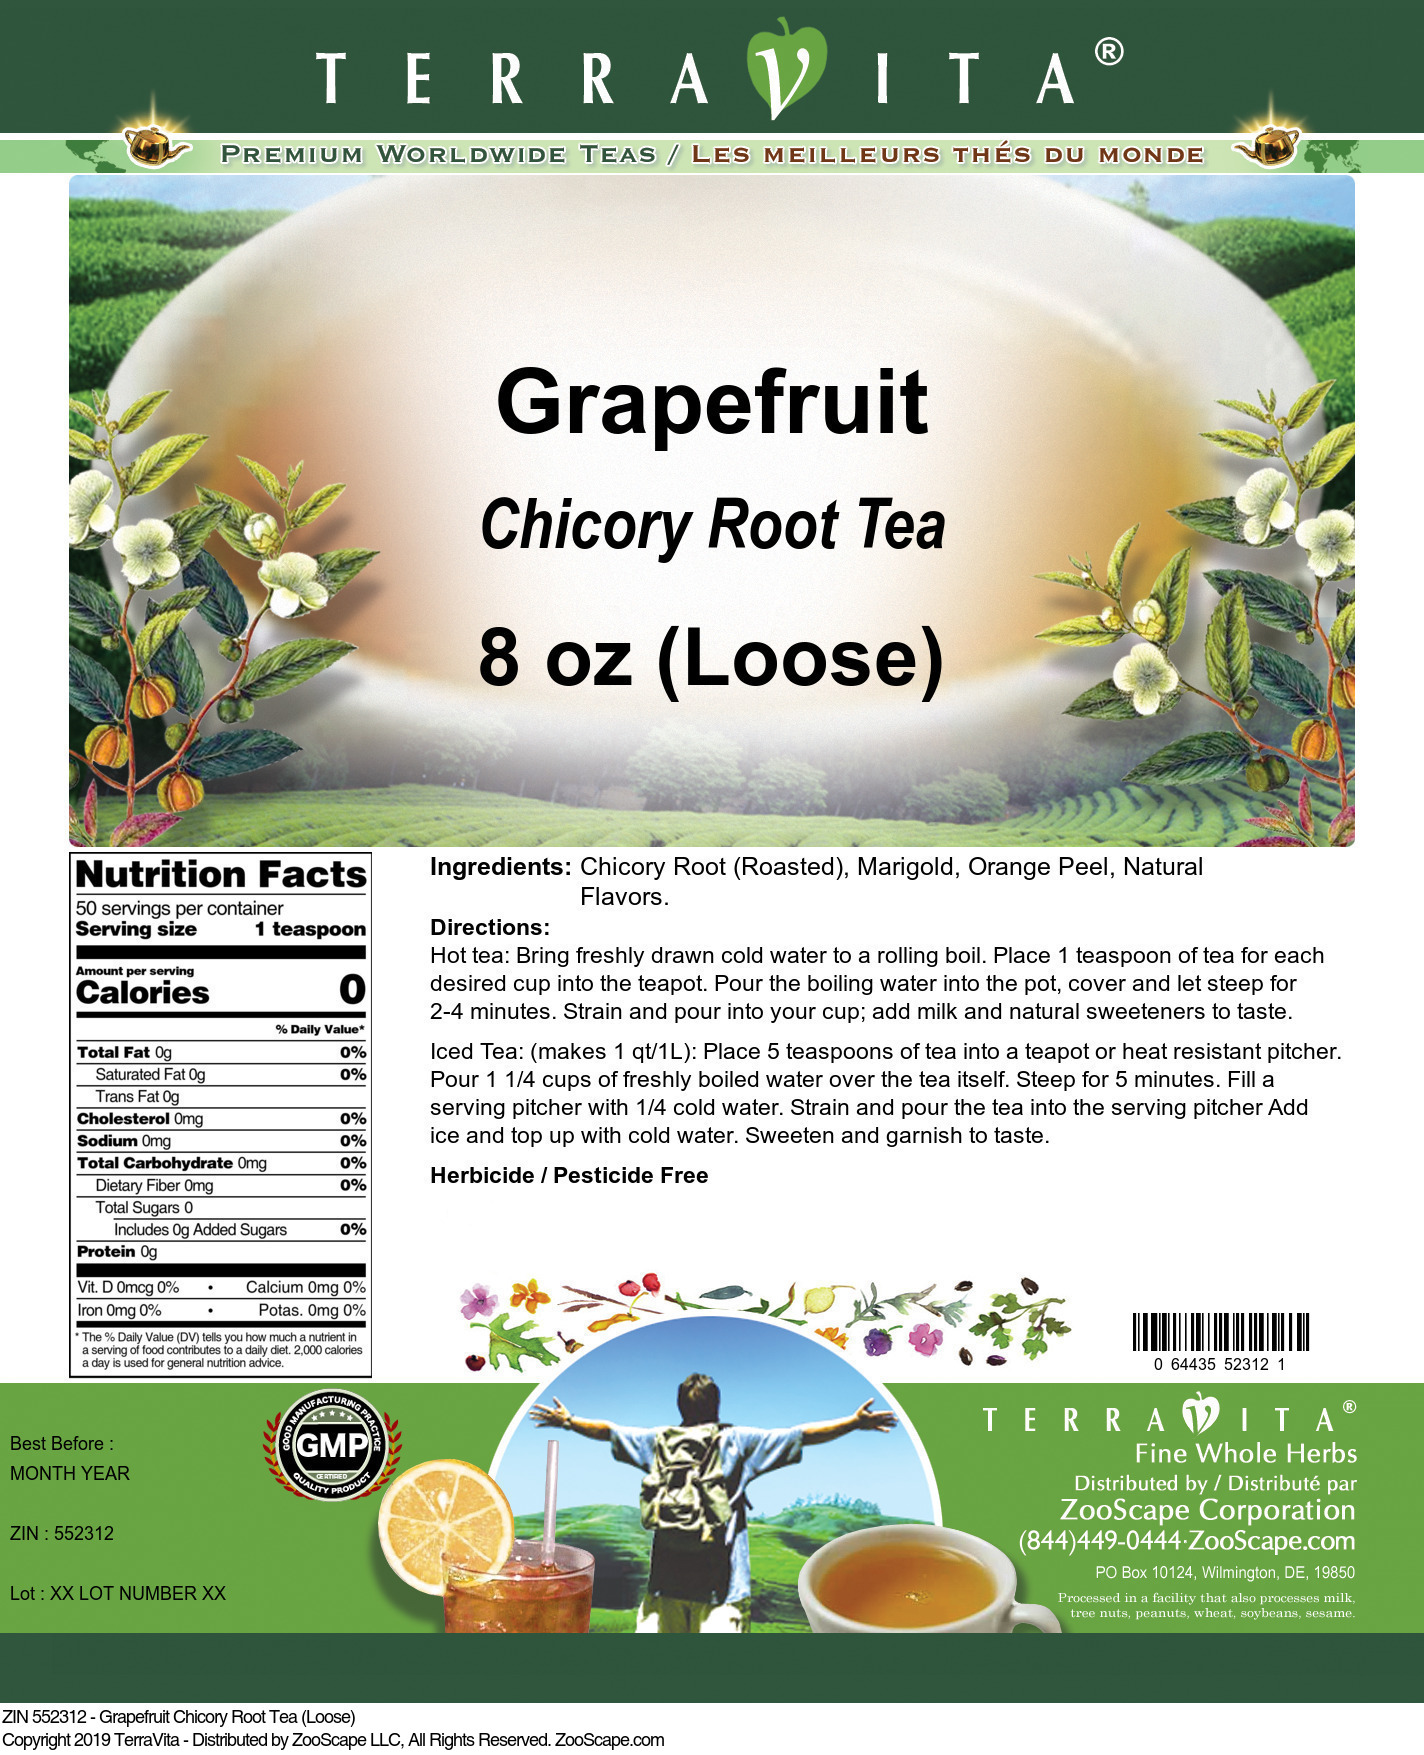 Grapefruit Chicory Root